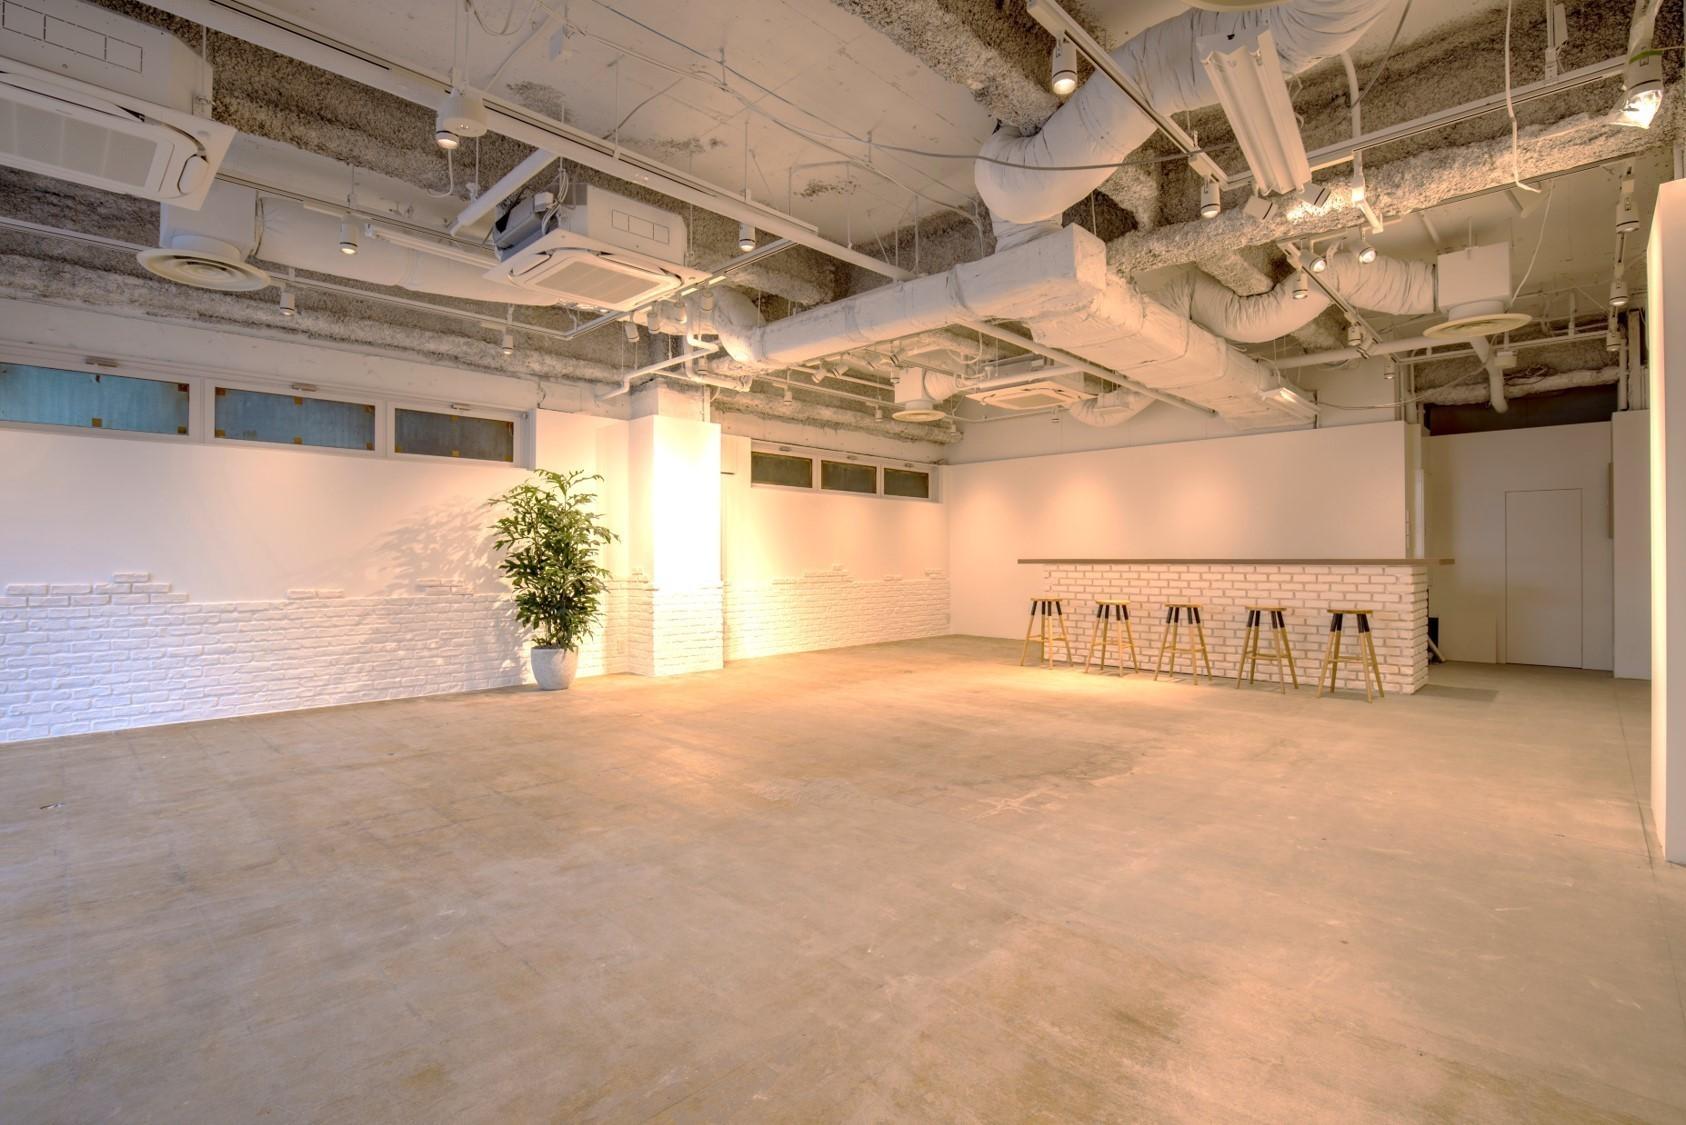 【渋谷駅西口徒歩5分/94㎡】 キッチン完備/イベント利用可能! 白を基調としたシンプルな内装は、展示会や撮影にピッタリ!(SLACK SHIBUYA MEETINGROOM) の写真0